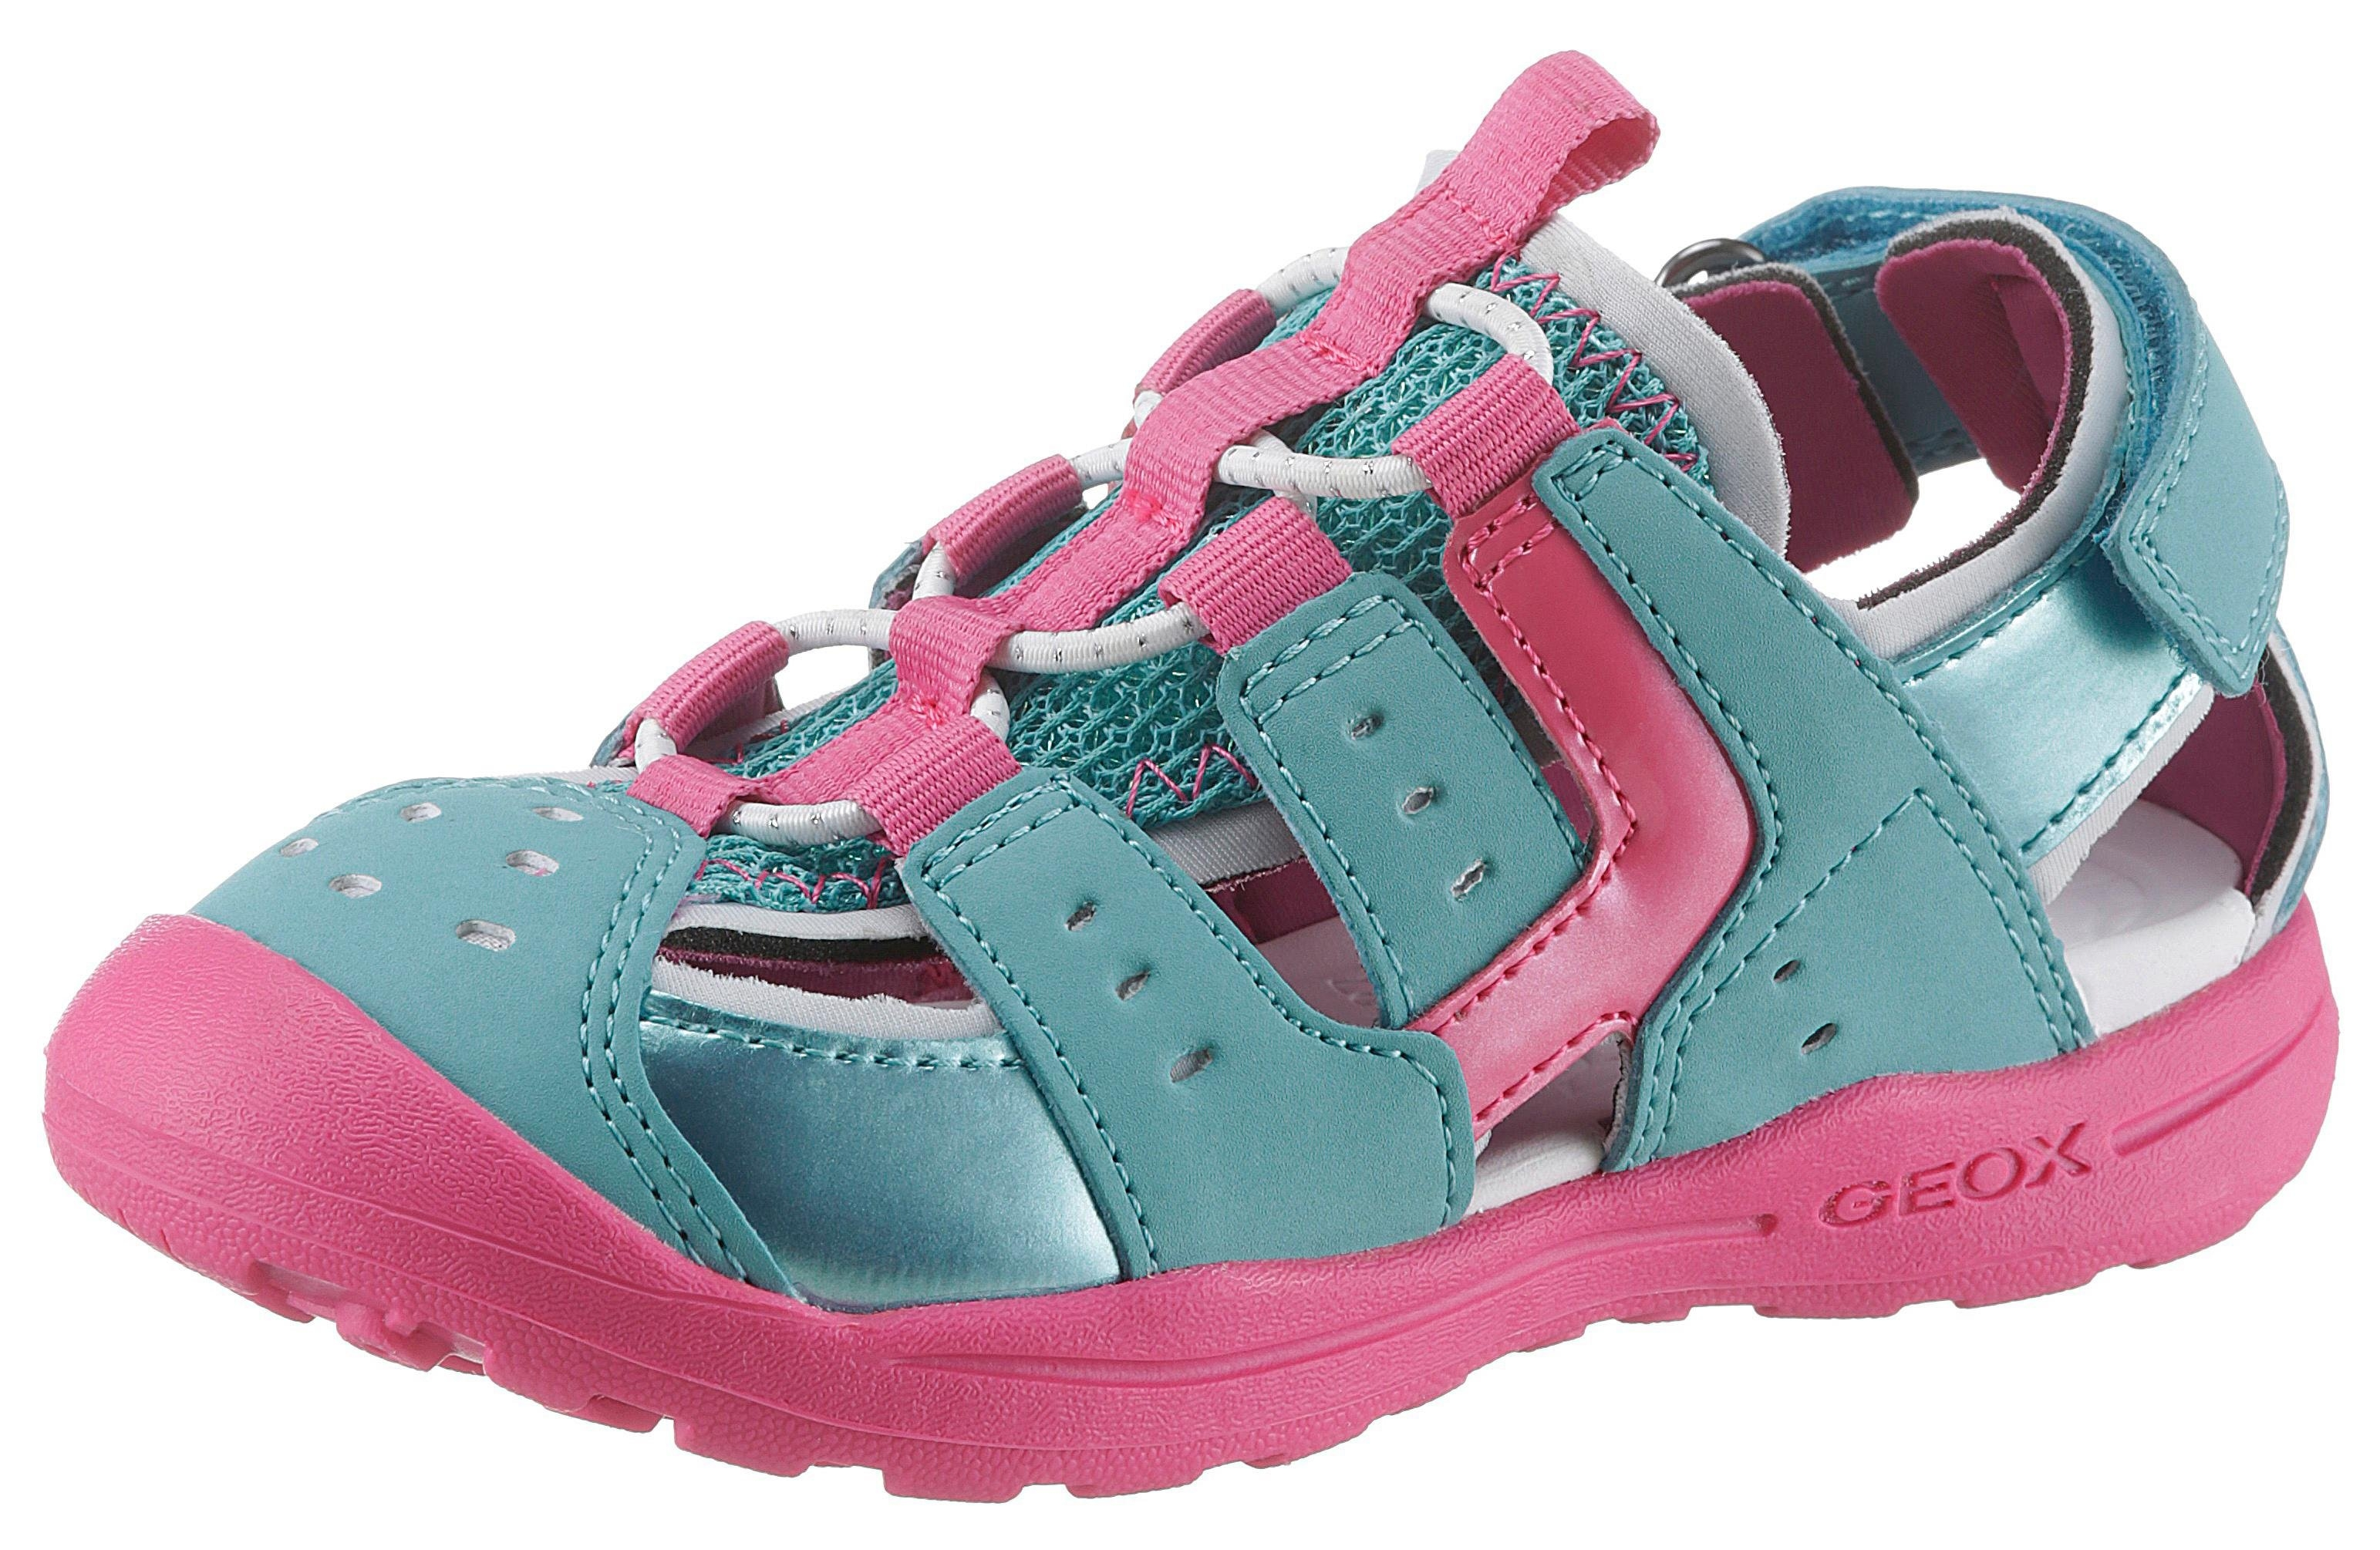 Geox Kids sandalen »Vaniett« in de webshop van OTTO kopen